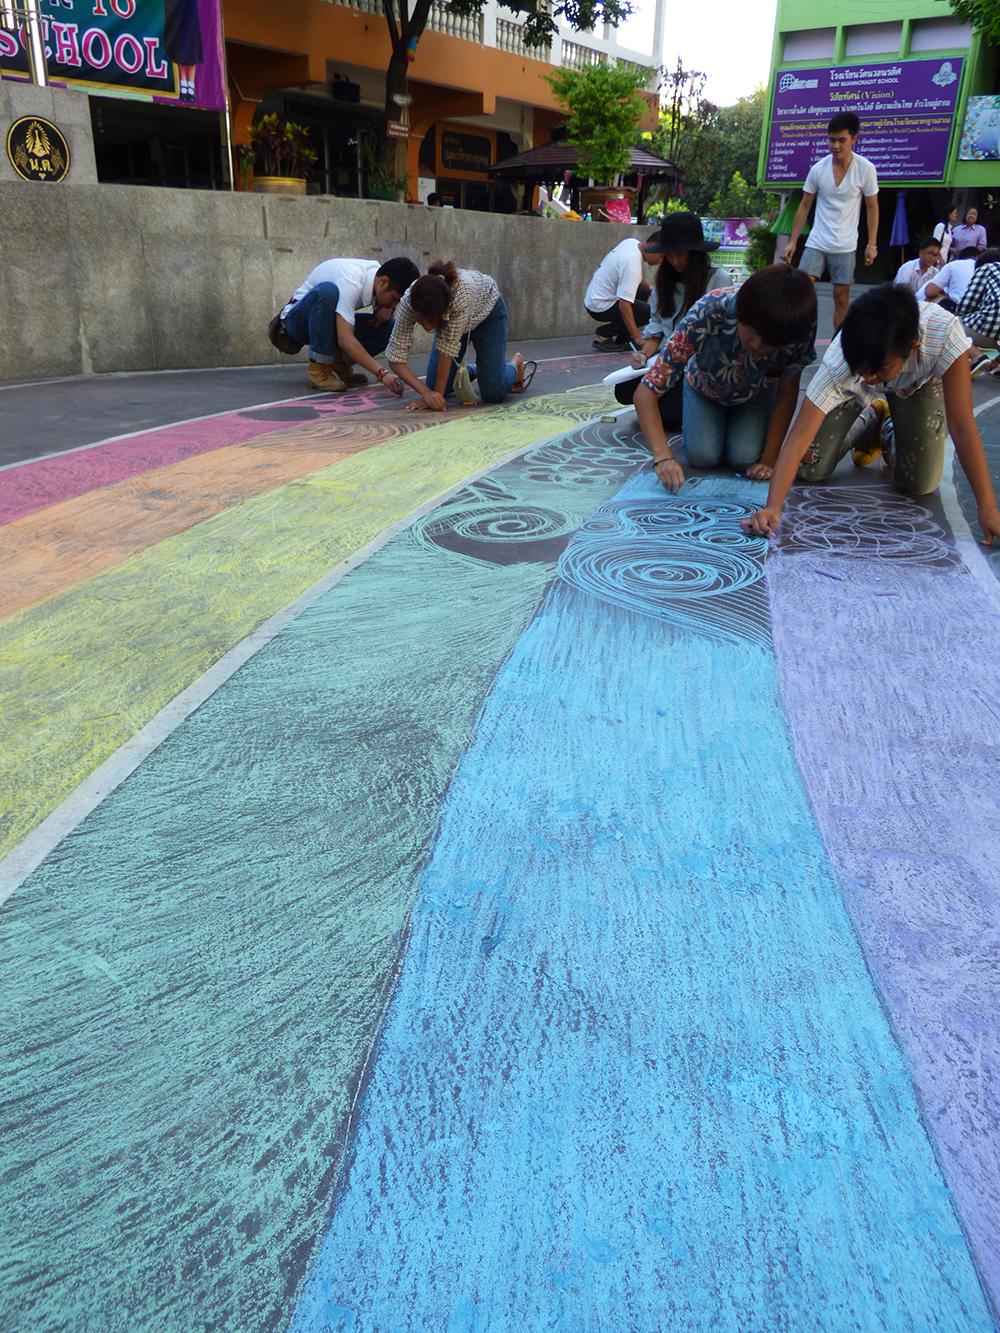 โครงการโรงเรียนสีรุ้งที่โร  งเรียนวัดนวลนรดิศ เริ่มด้วยการวาดรุ้งด้วยชอล  ์กสีแล้วเกิดเป็นงานศิลป์ รูปคลื่น, นก, กระทั่ง มังกร ถูกวาดลงบนรุ้ง